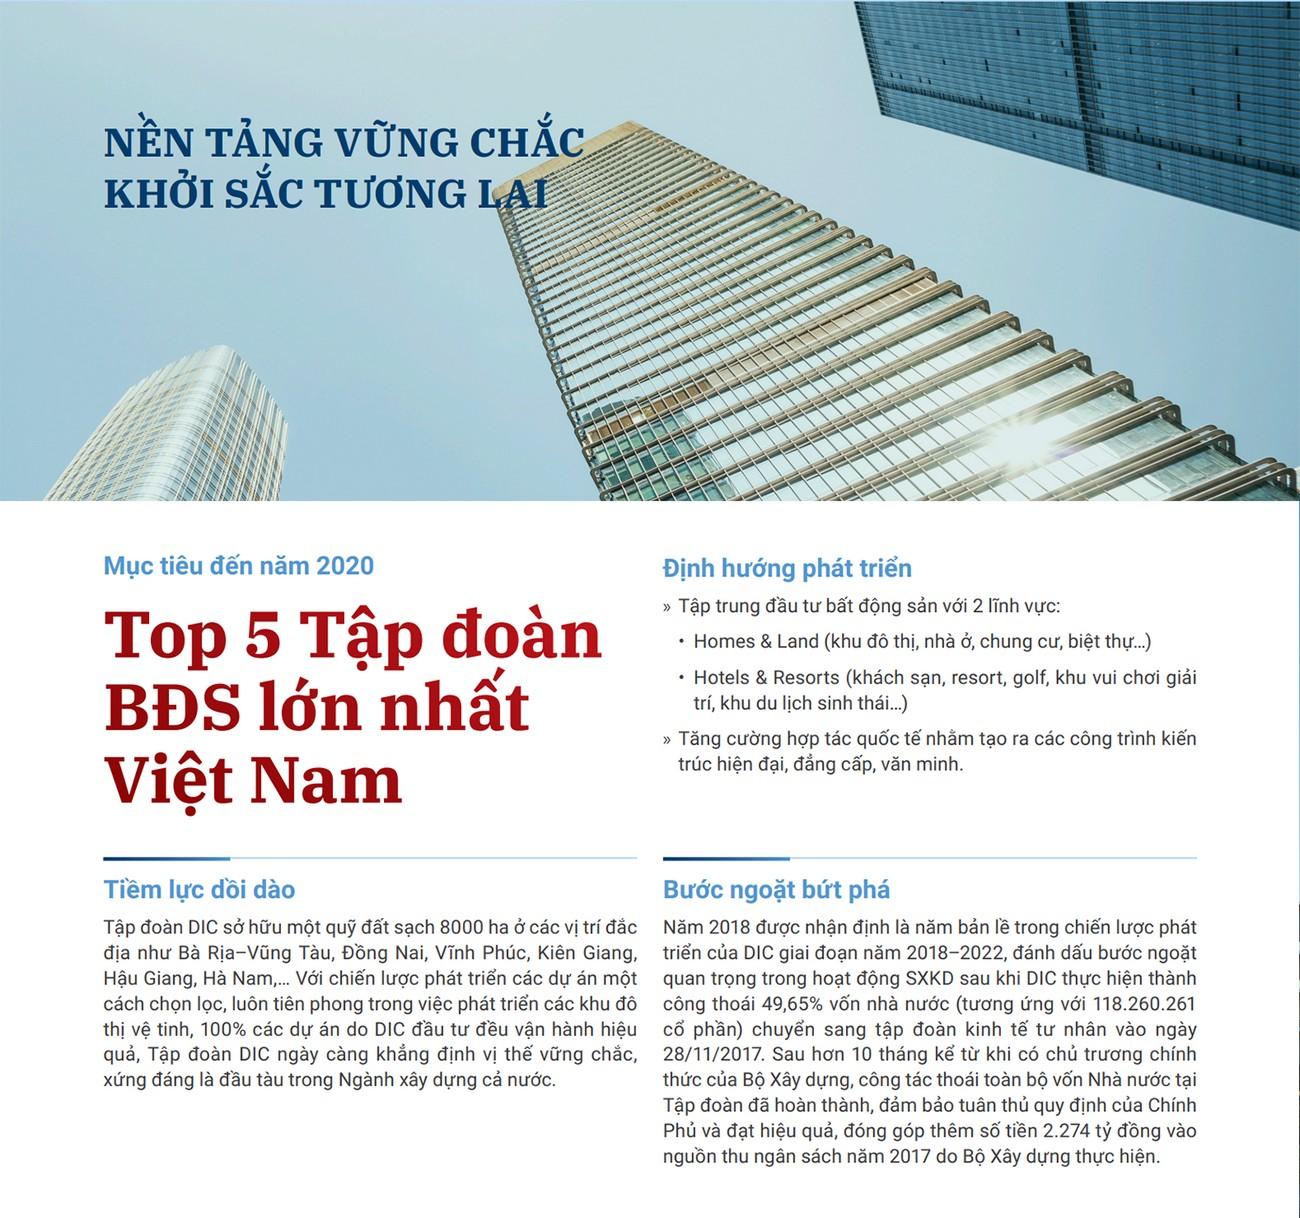 Chủ đầu tư dự án khu đô thị du lịch Long Tân – Wisteria City Đồng Nai